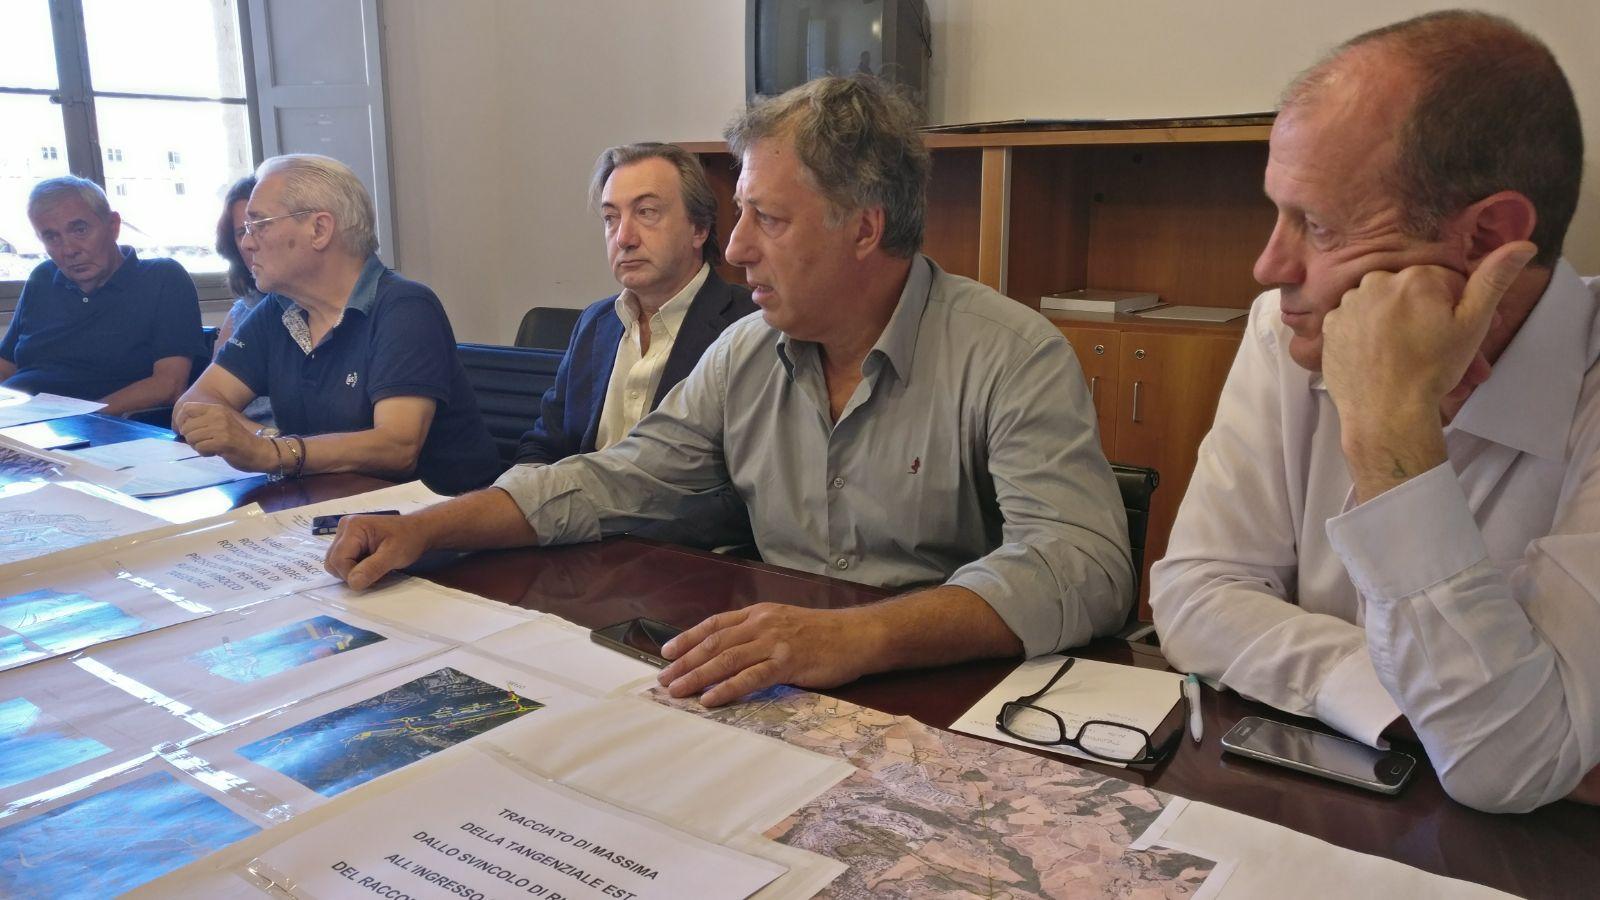 """Raffaelli, Sena Civitas: """"Rivotare Pd sarebbe qualcosa di patologico, un atto di auto flagellazione"""""""